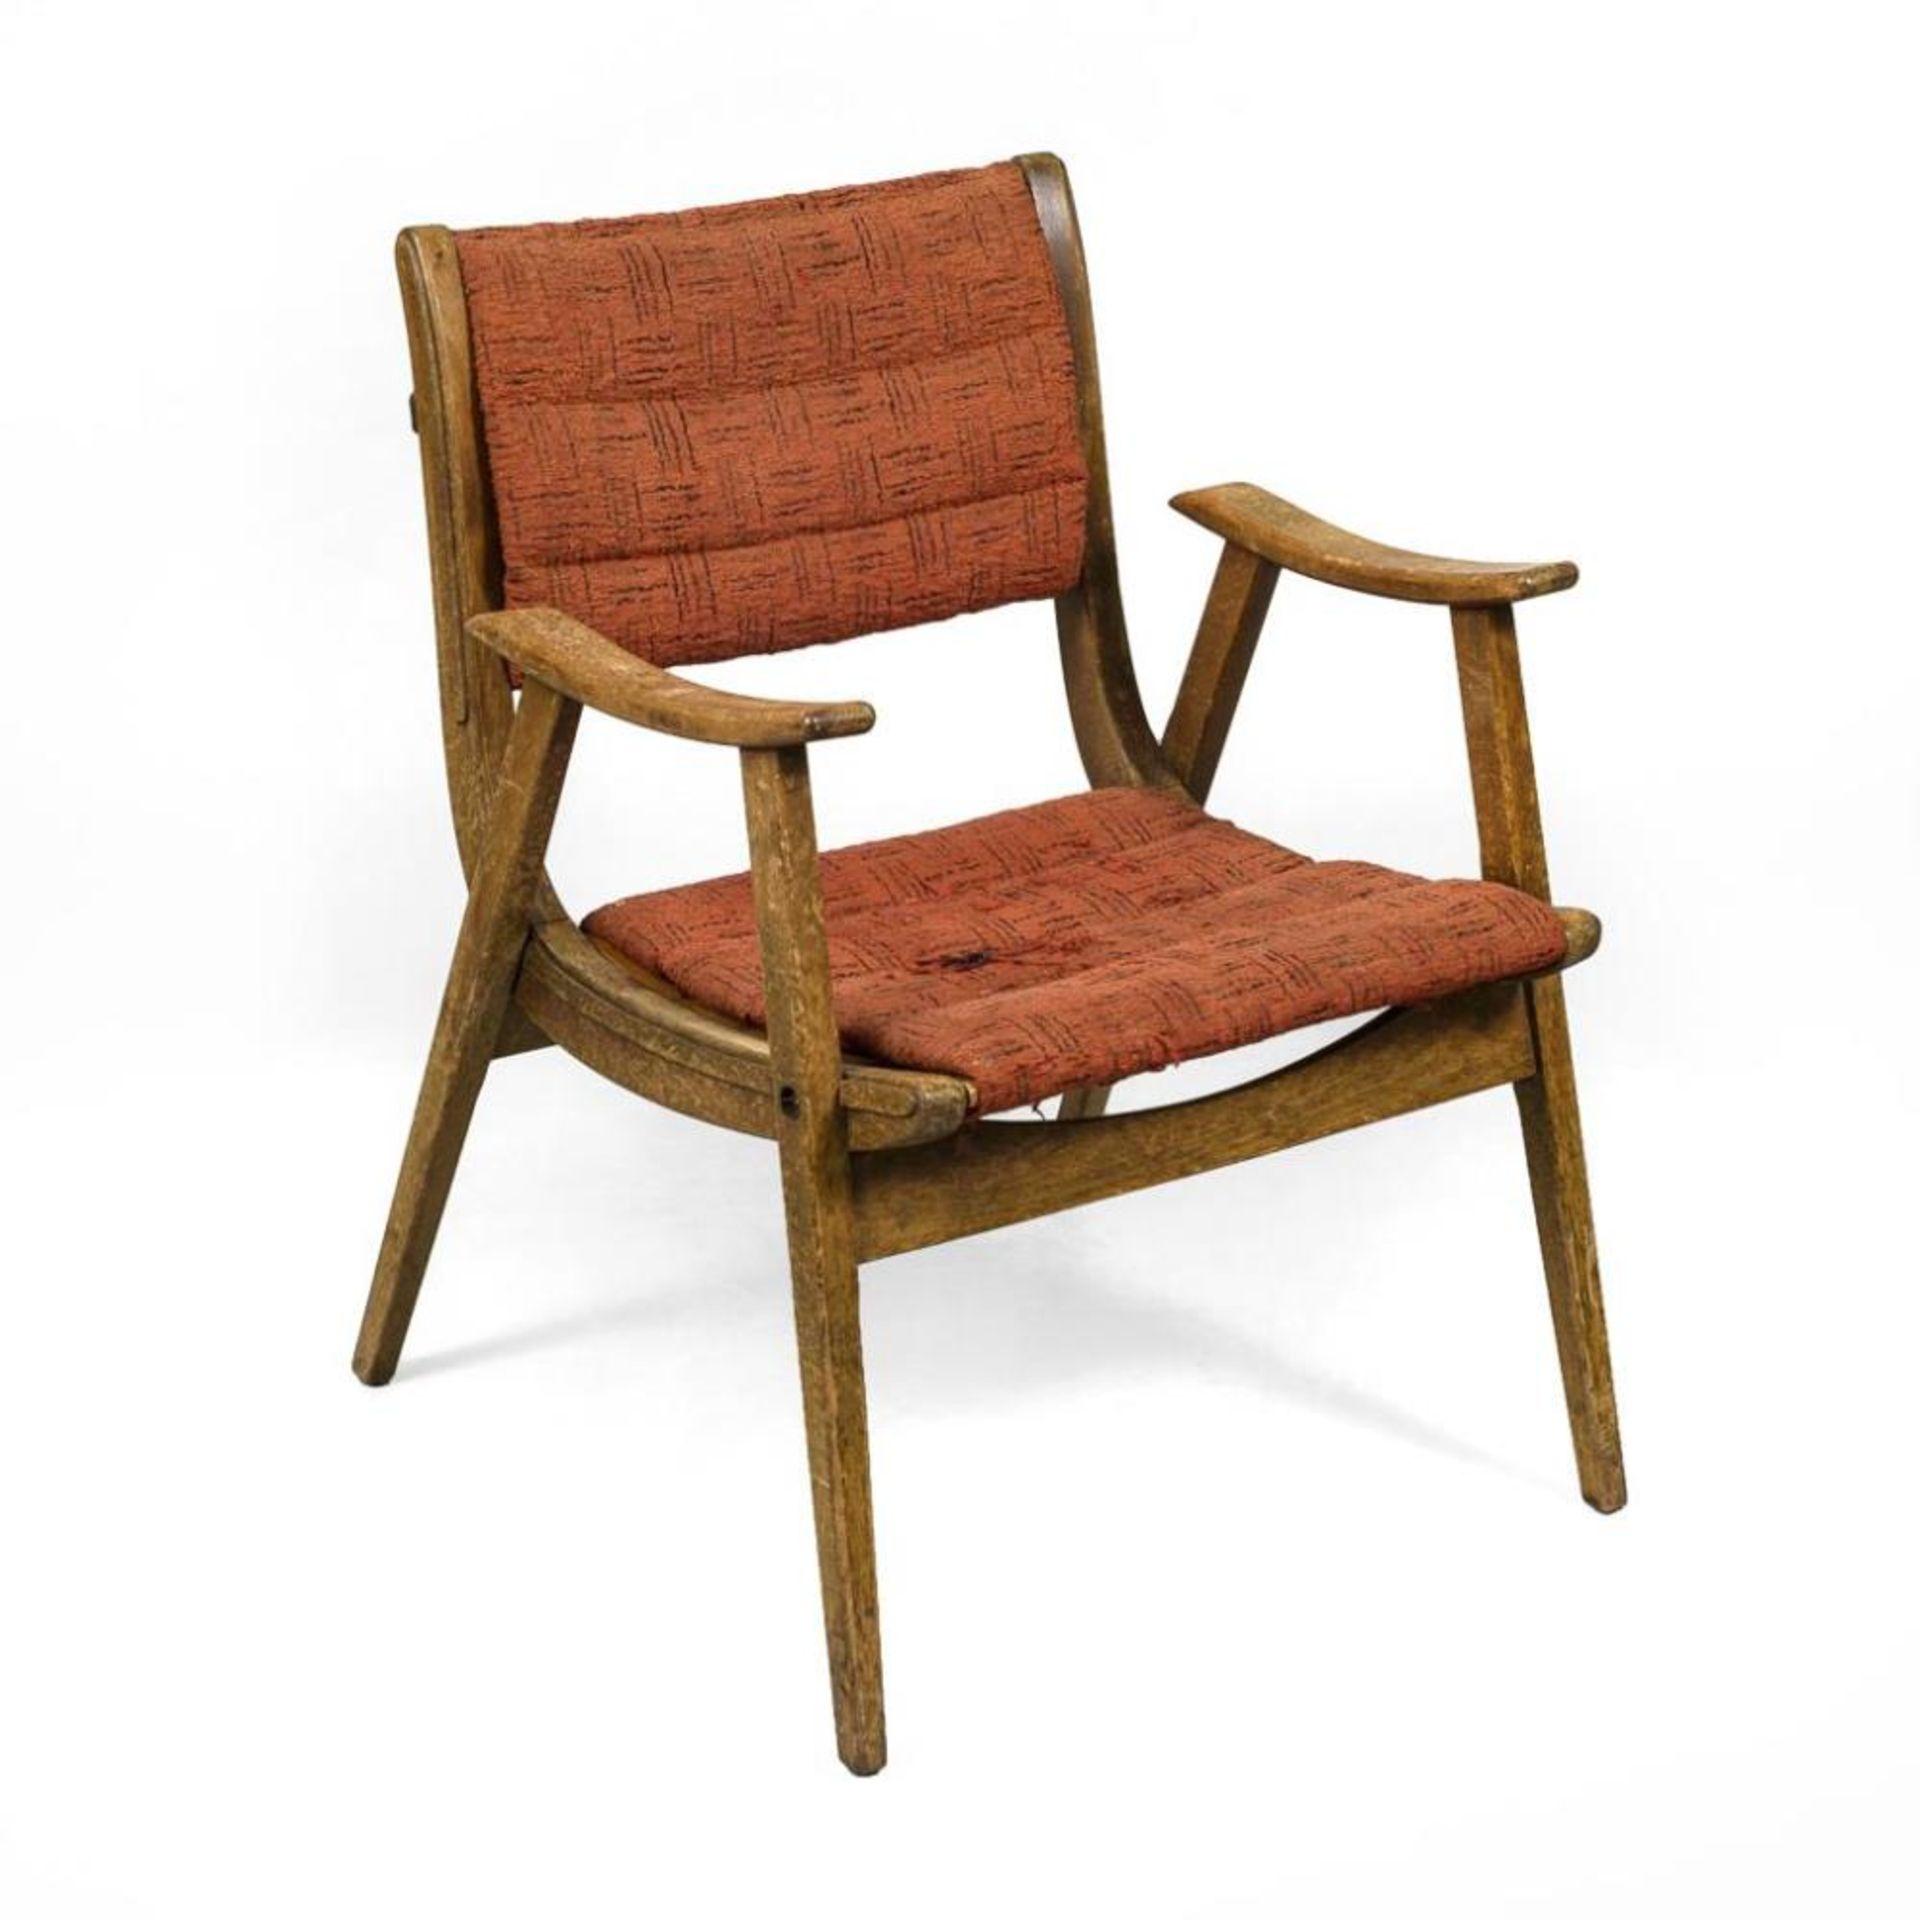 Armlehnstuhl von Erich Dieckmann | Siehe Nachtrag